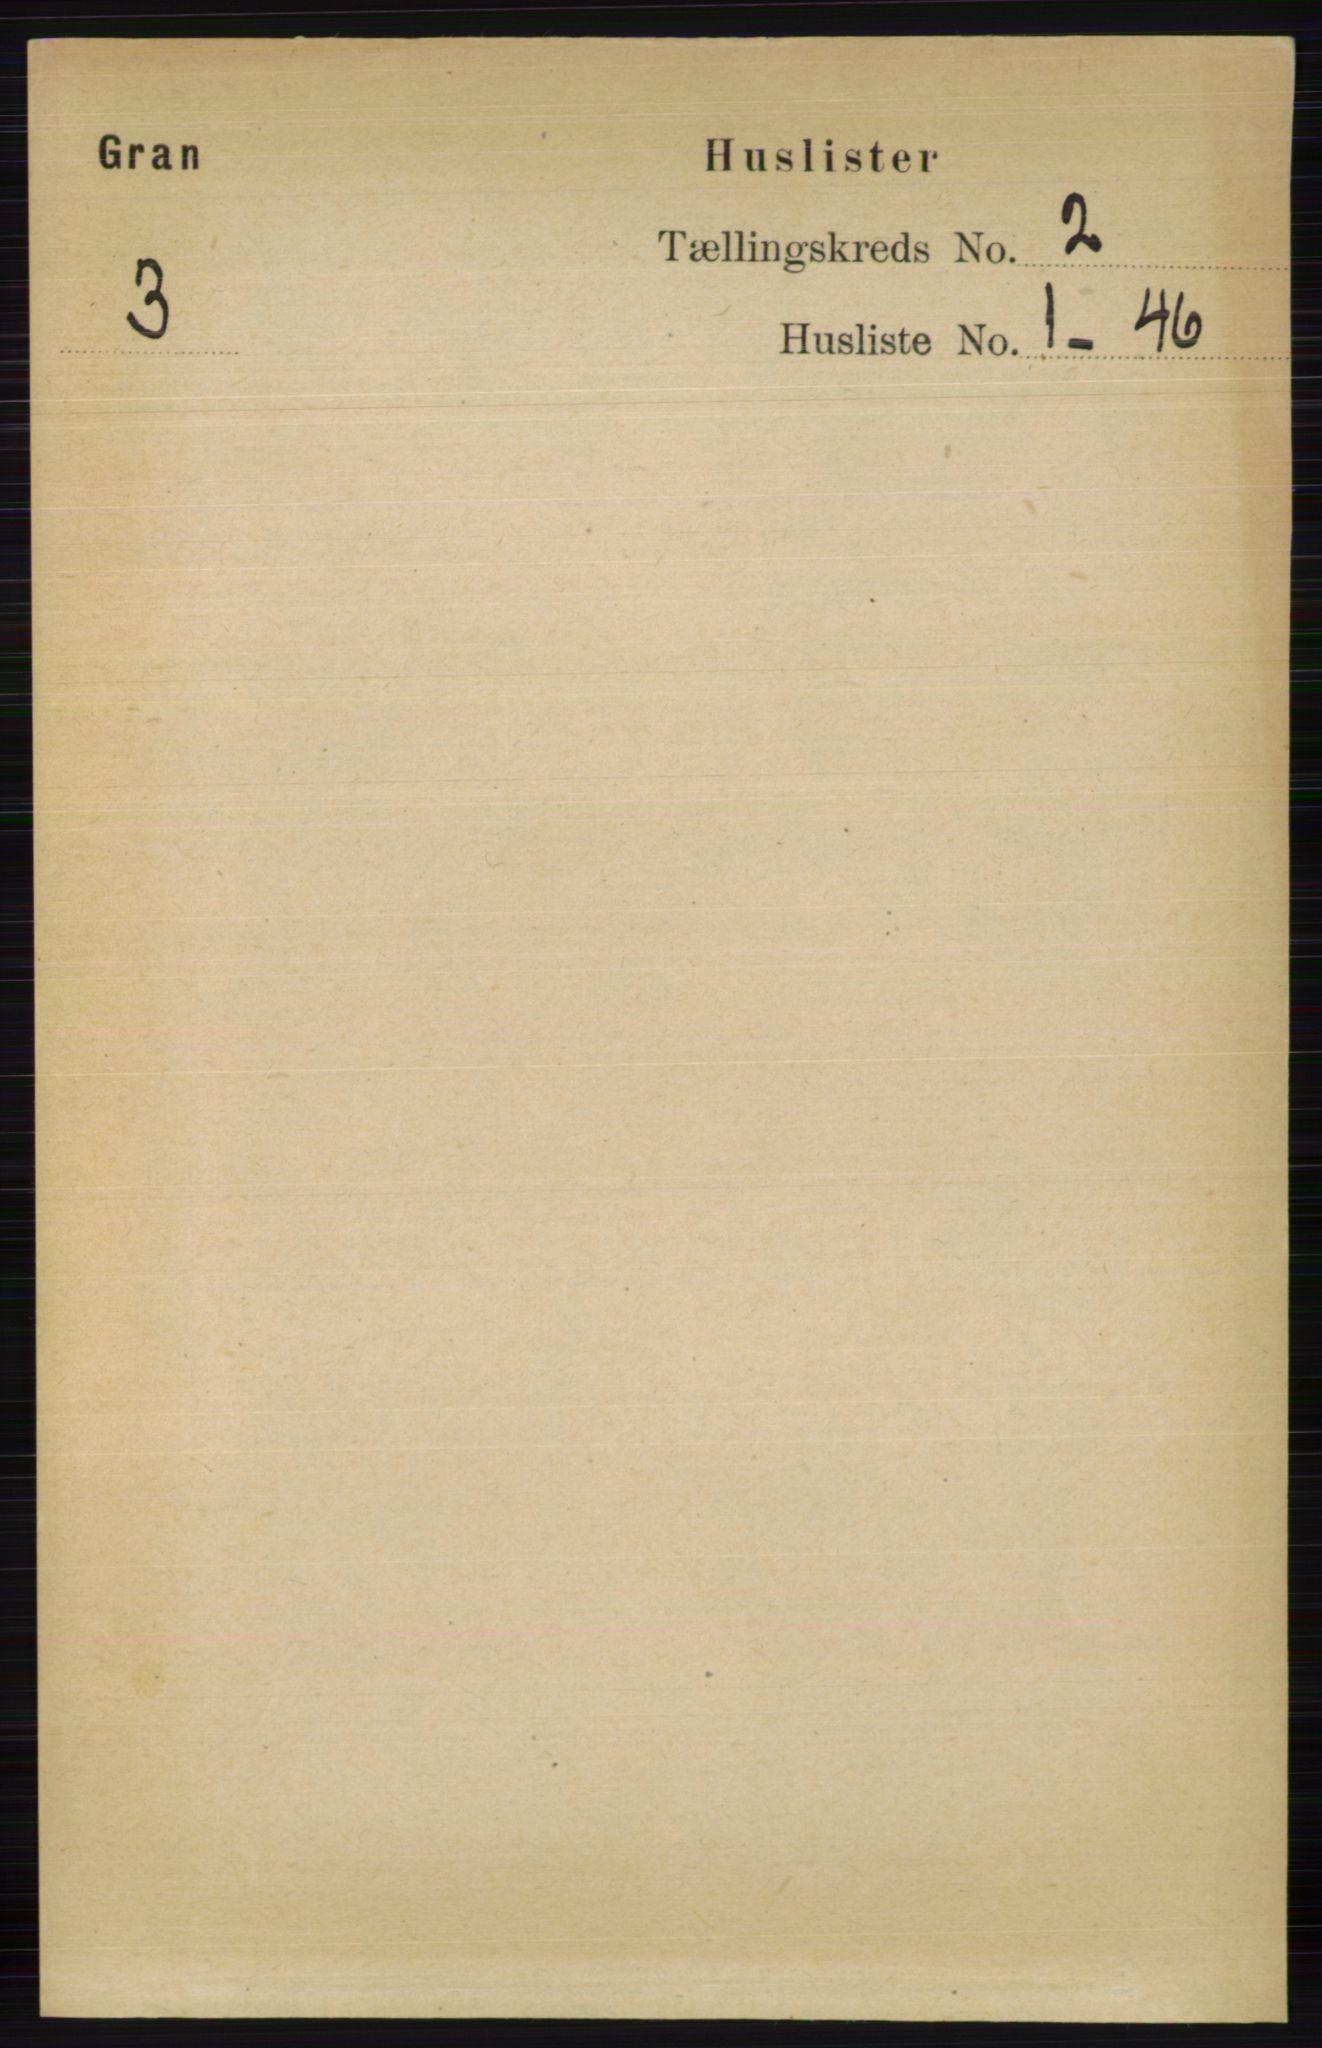 RA, Folketelling 1891 for 0534 Gran herred, 1891, s. 279